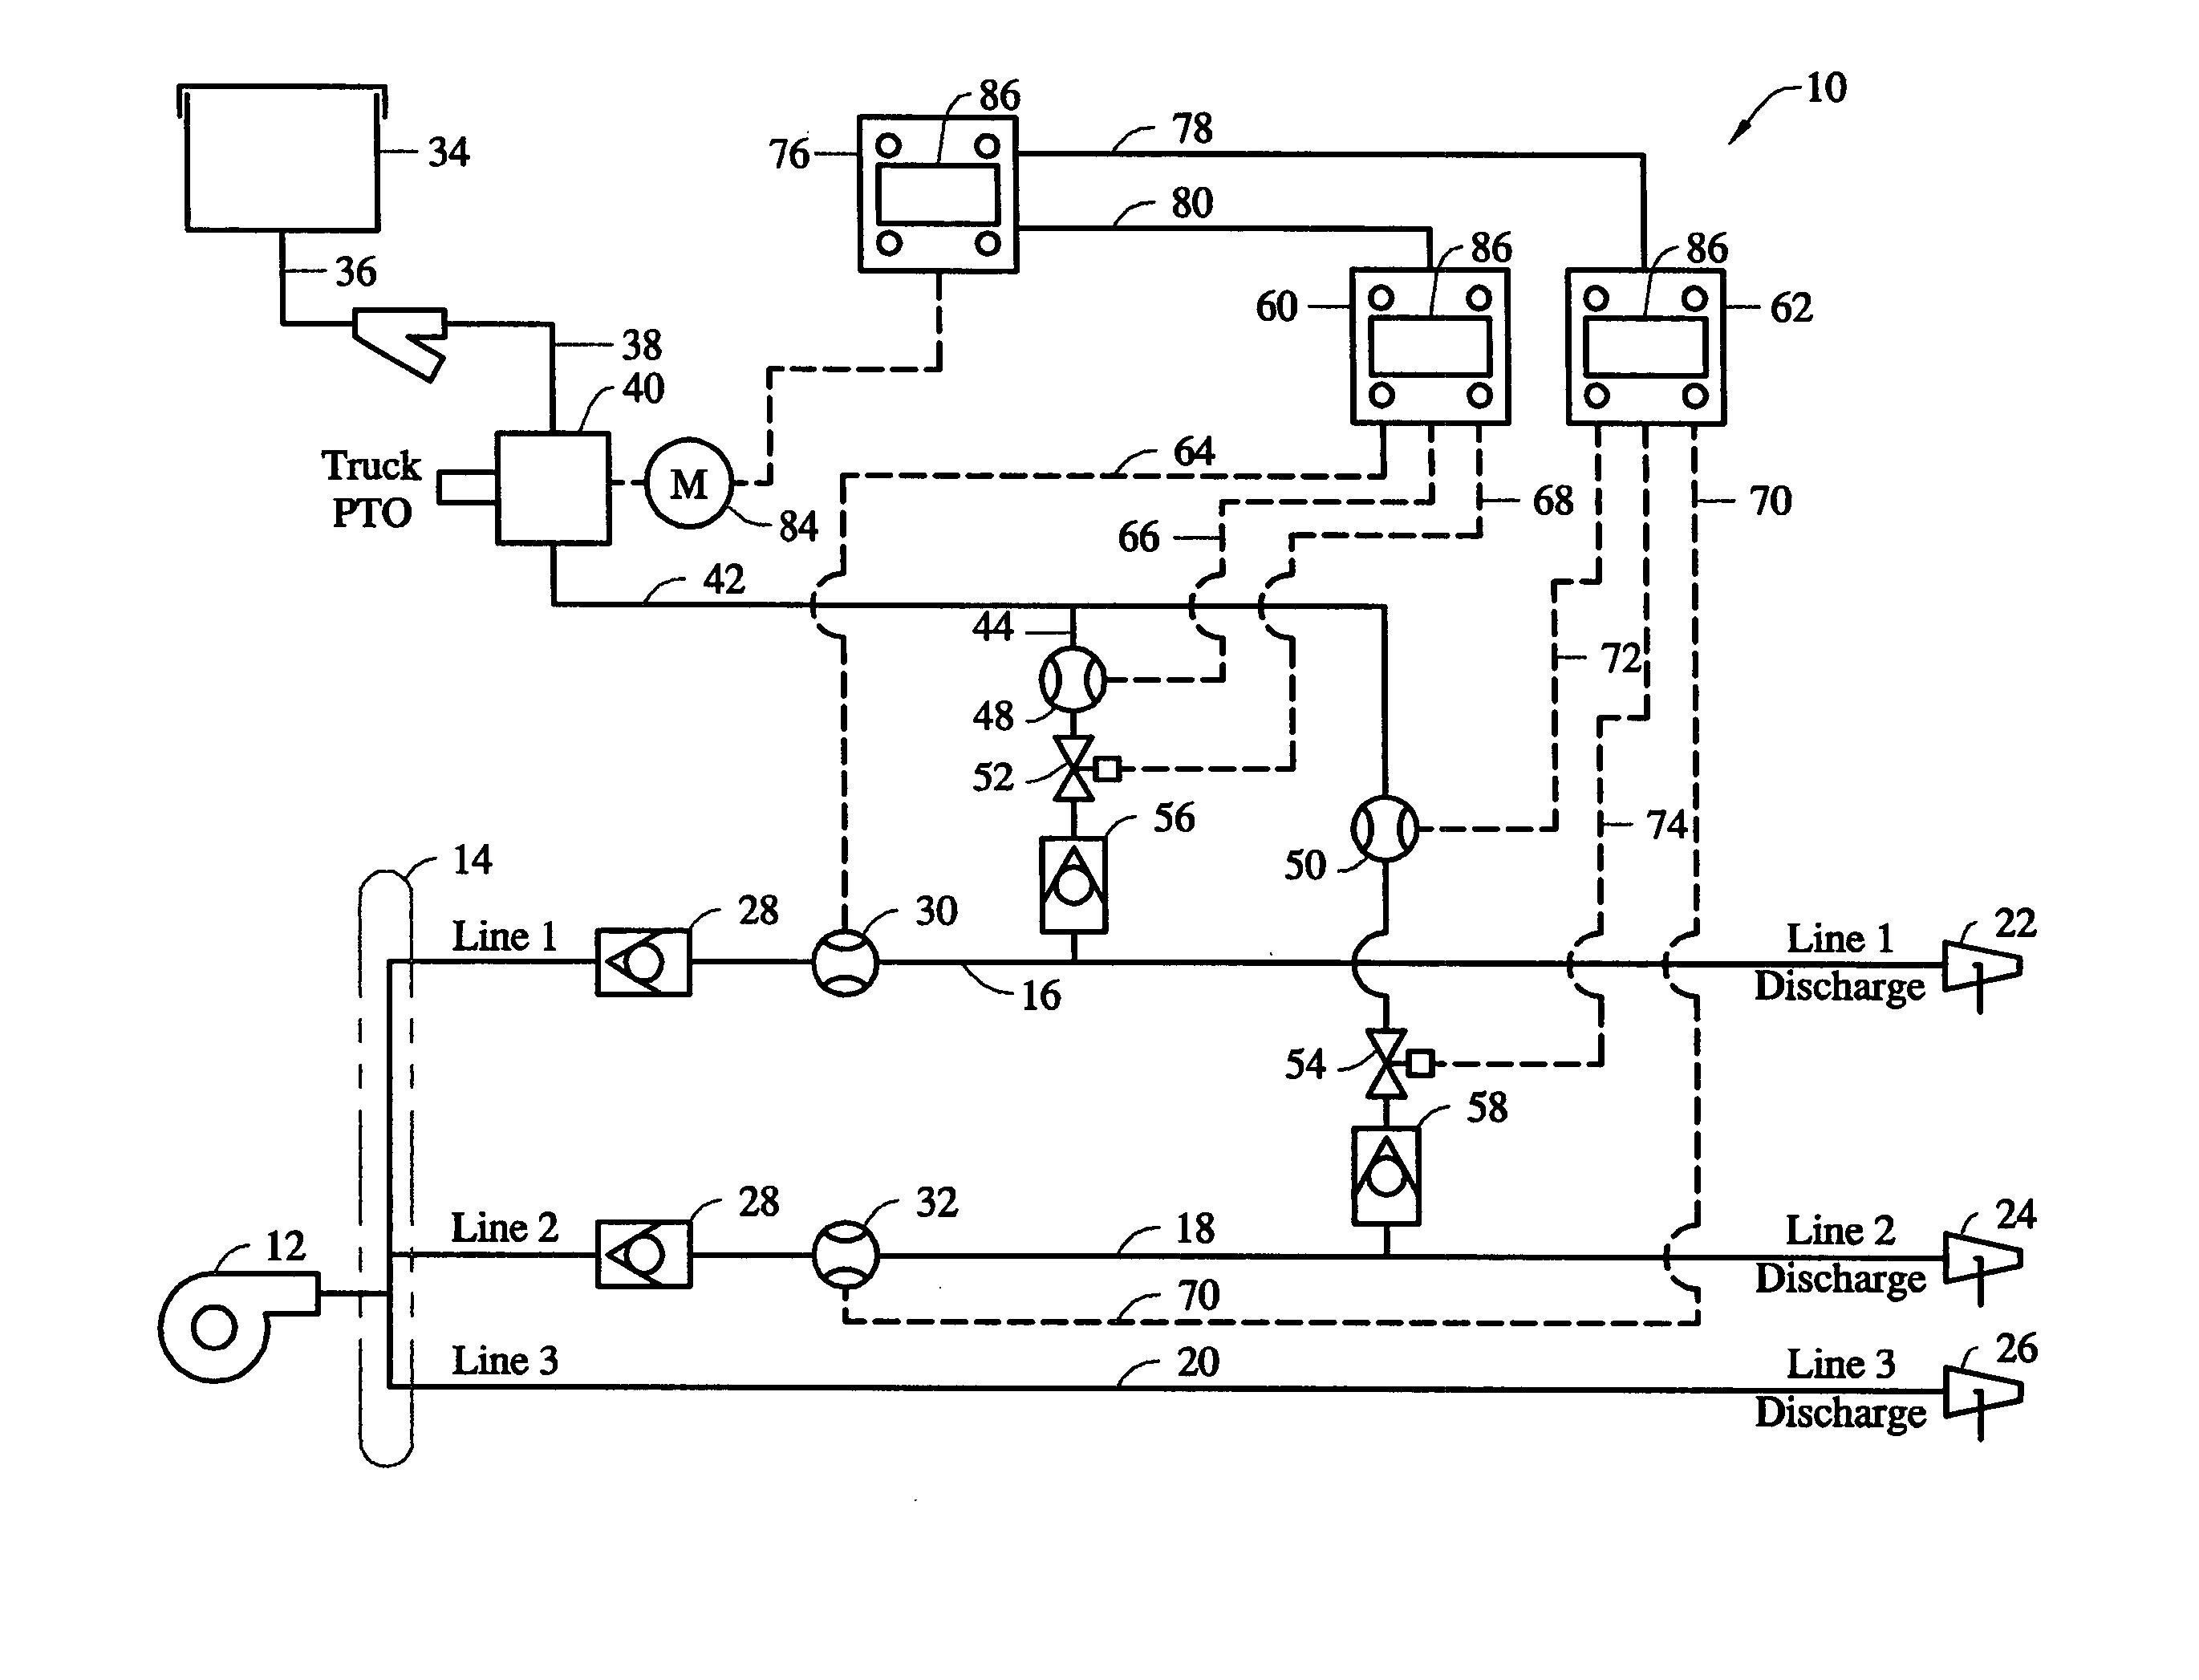 ansul system diagram control unit isimet. Black Bedroom Furniture Sets. Home Design Ideas